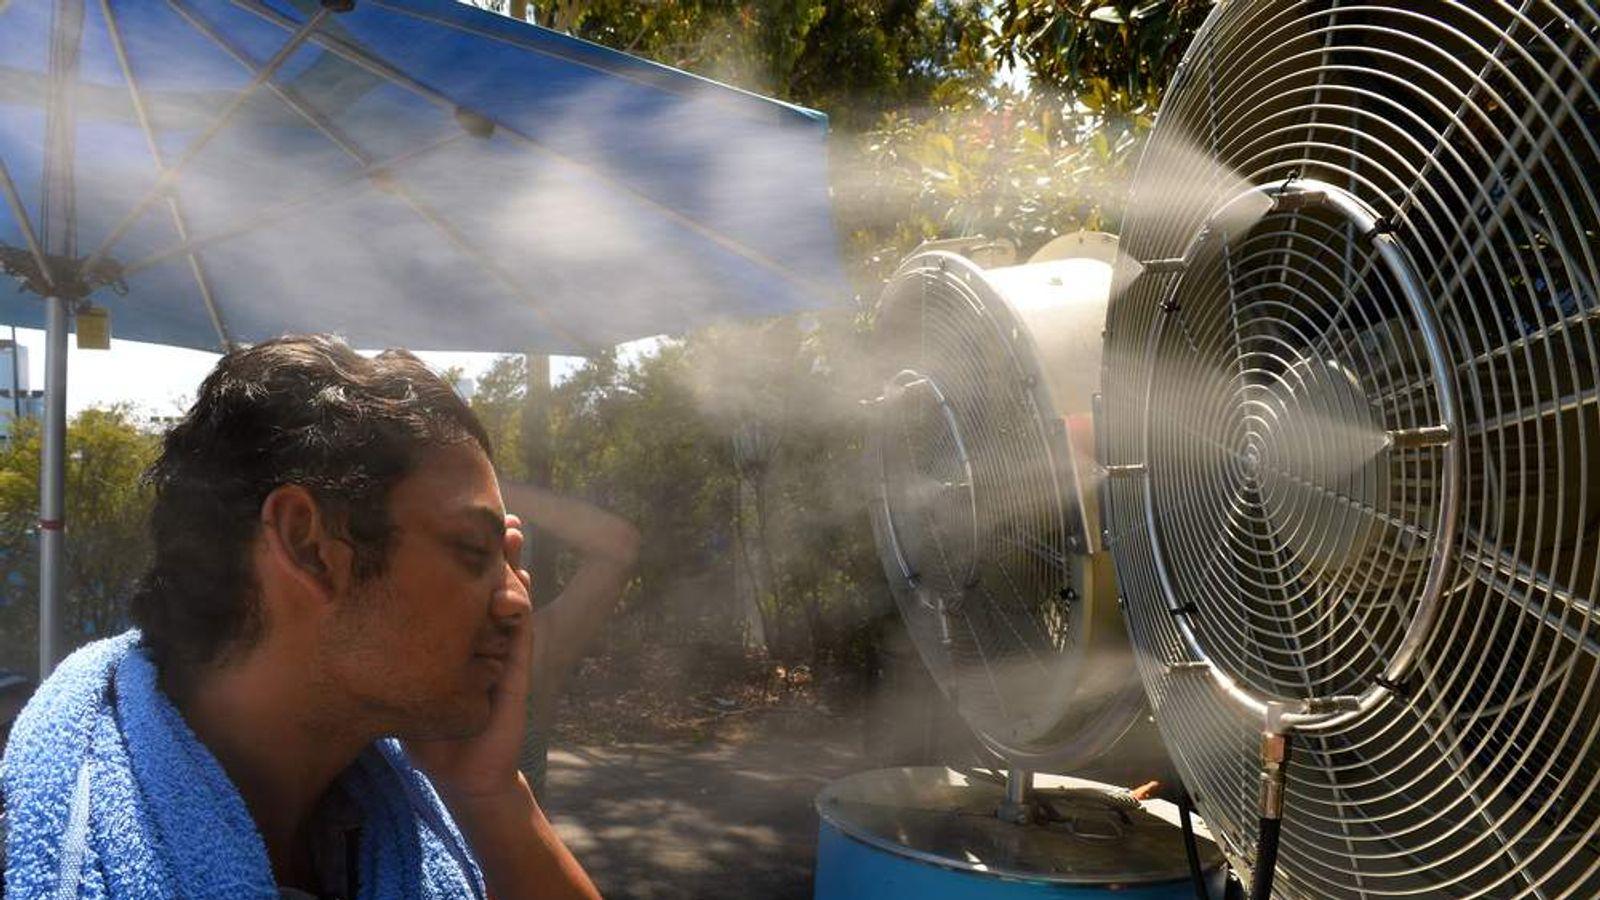 A tennis fan keeps cool in 40 degree heat at the Australian Open in Melbourne.